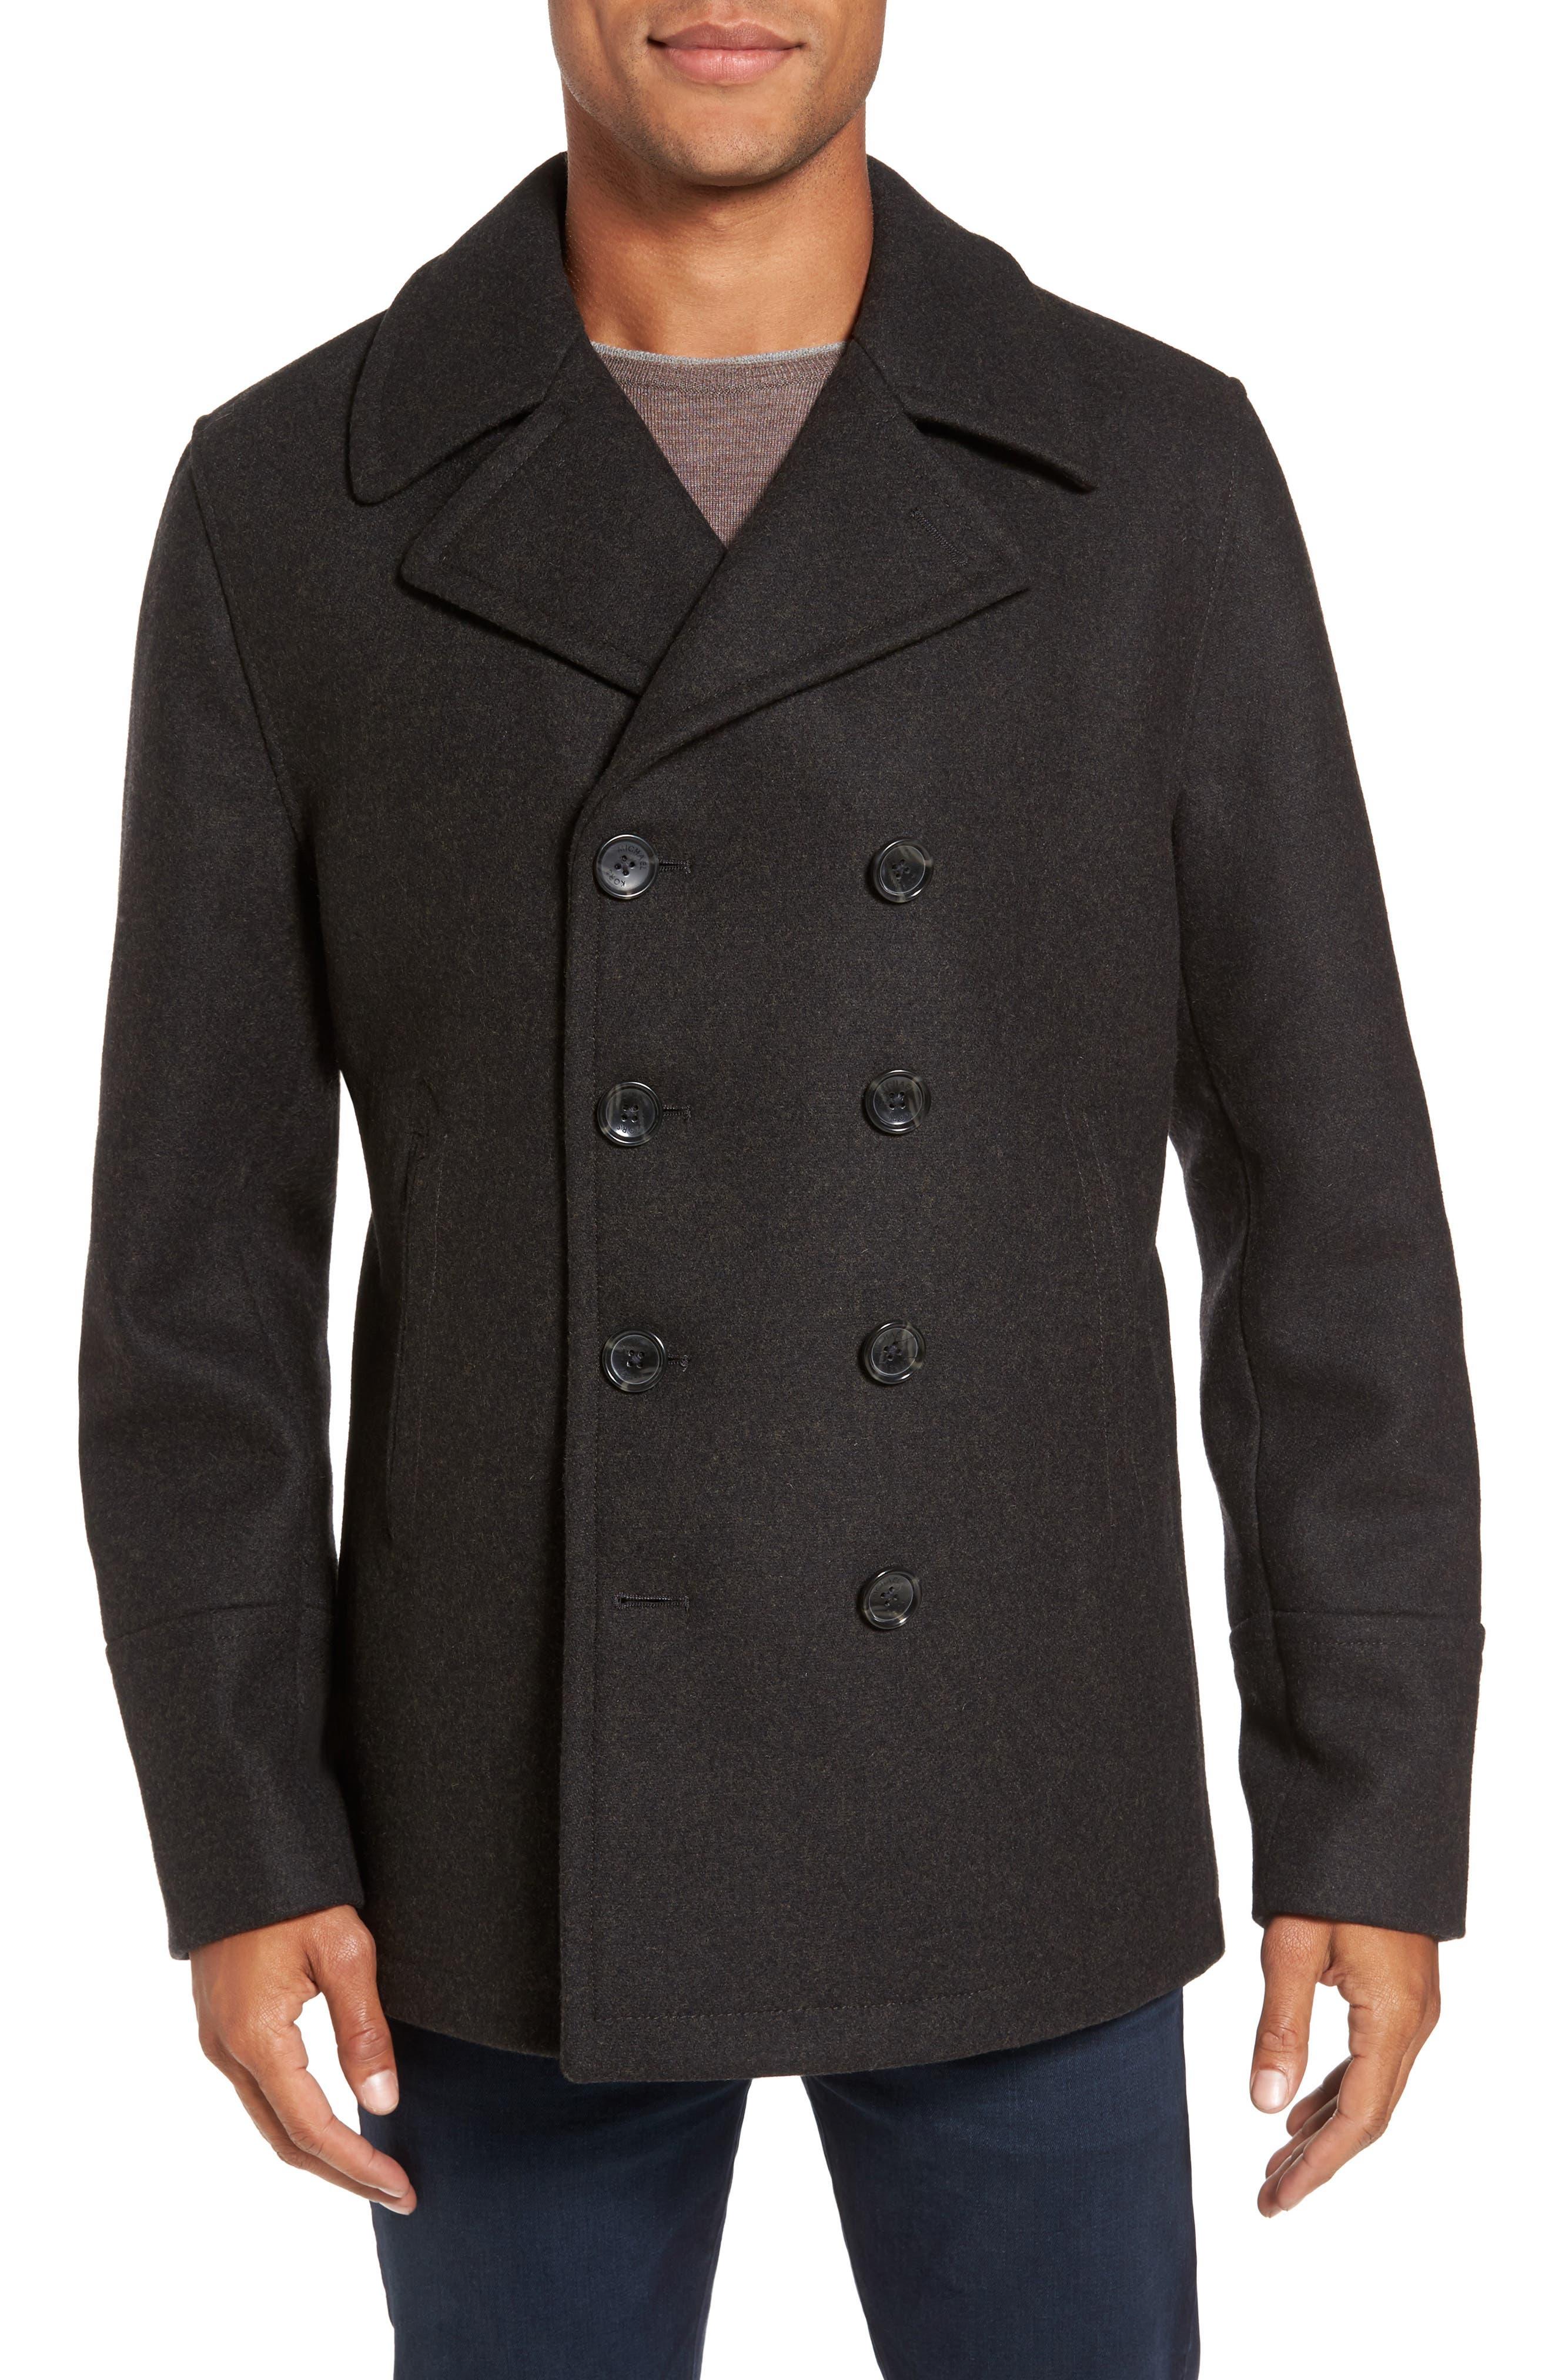 Main Image - Michael Kors Wool Blend Peacoat